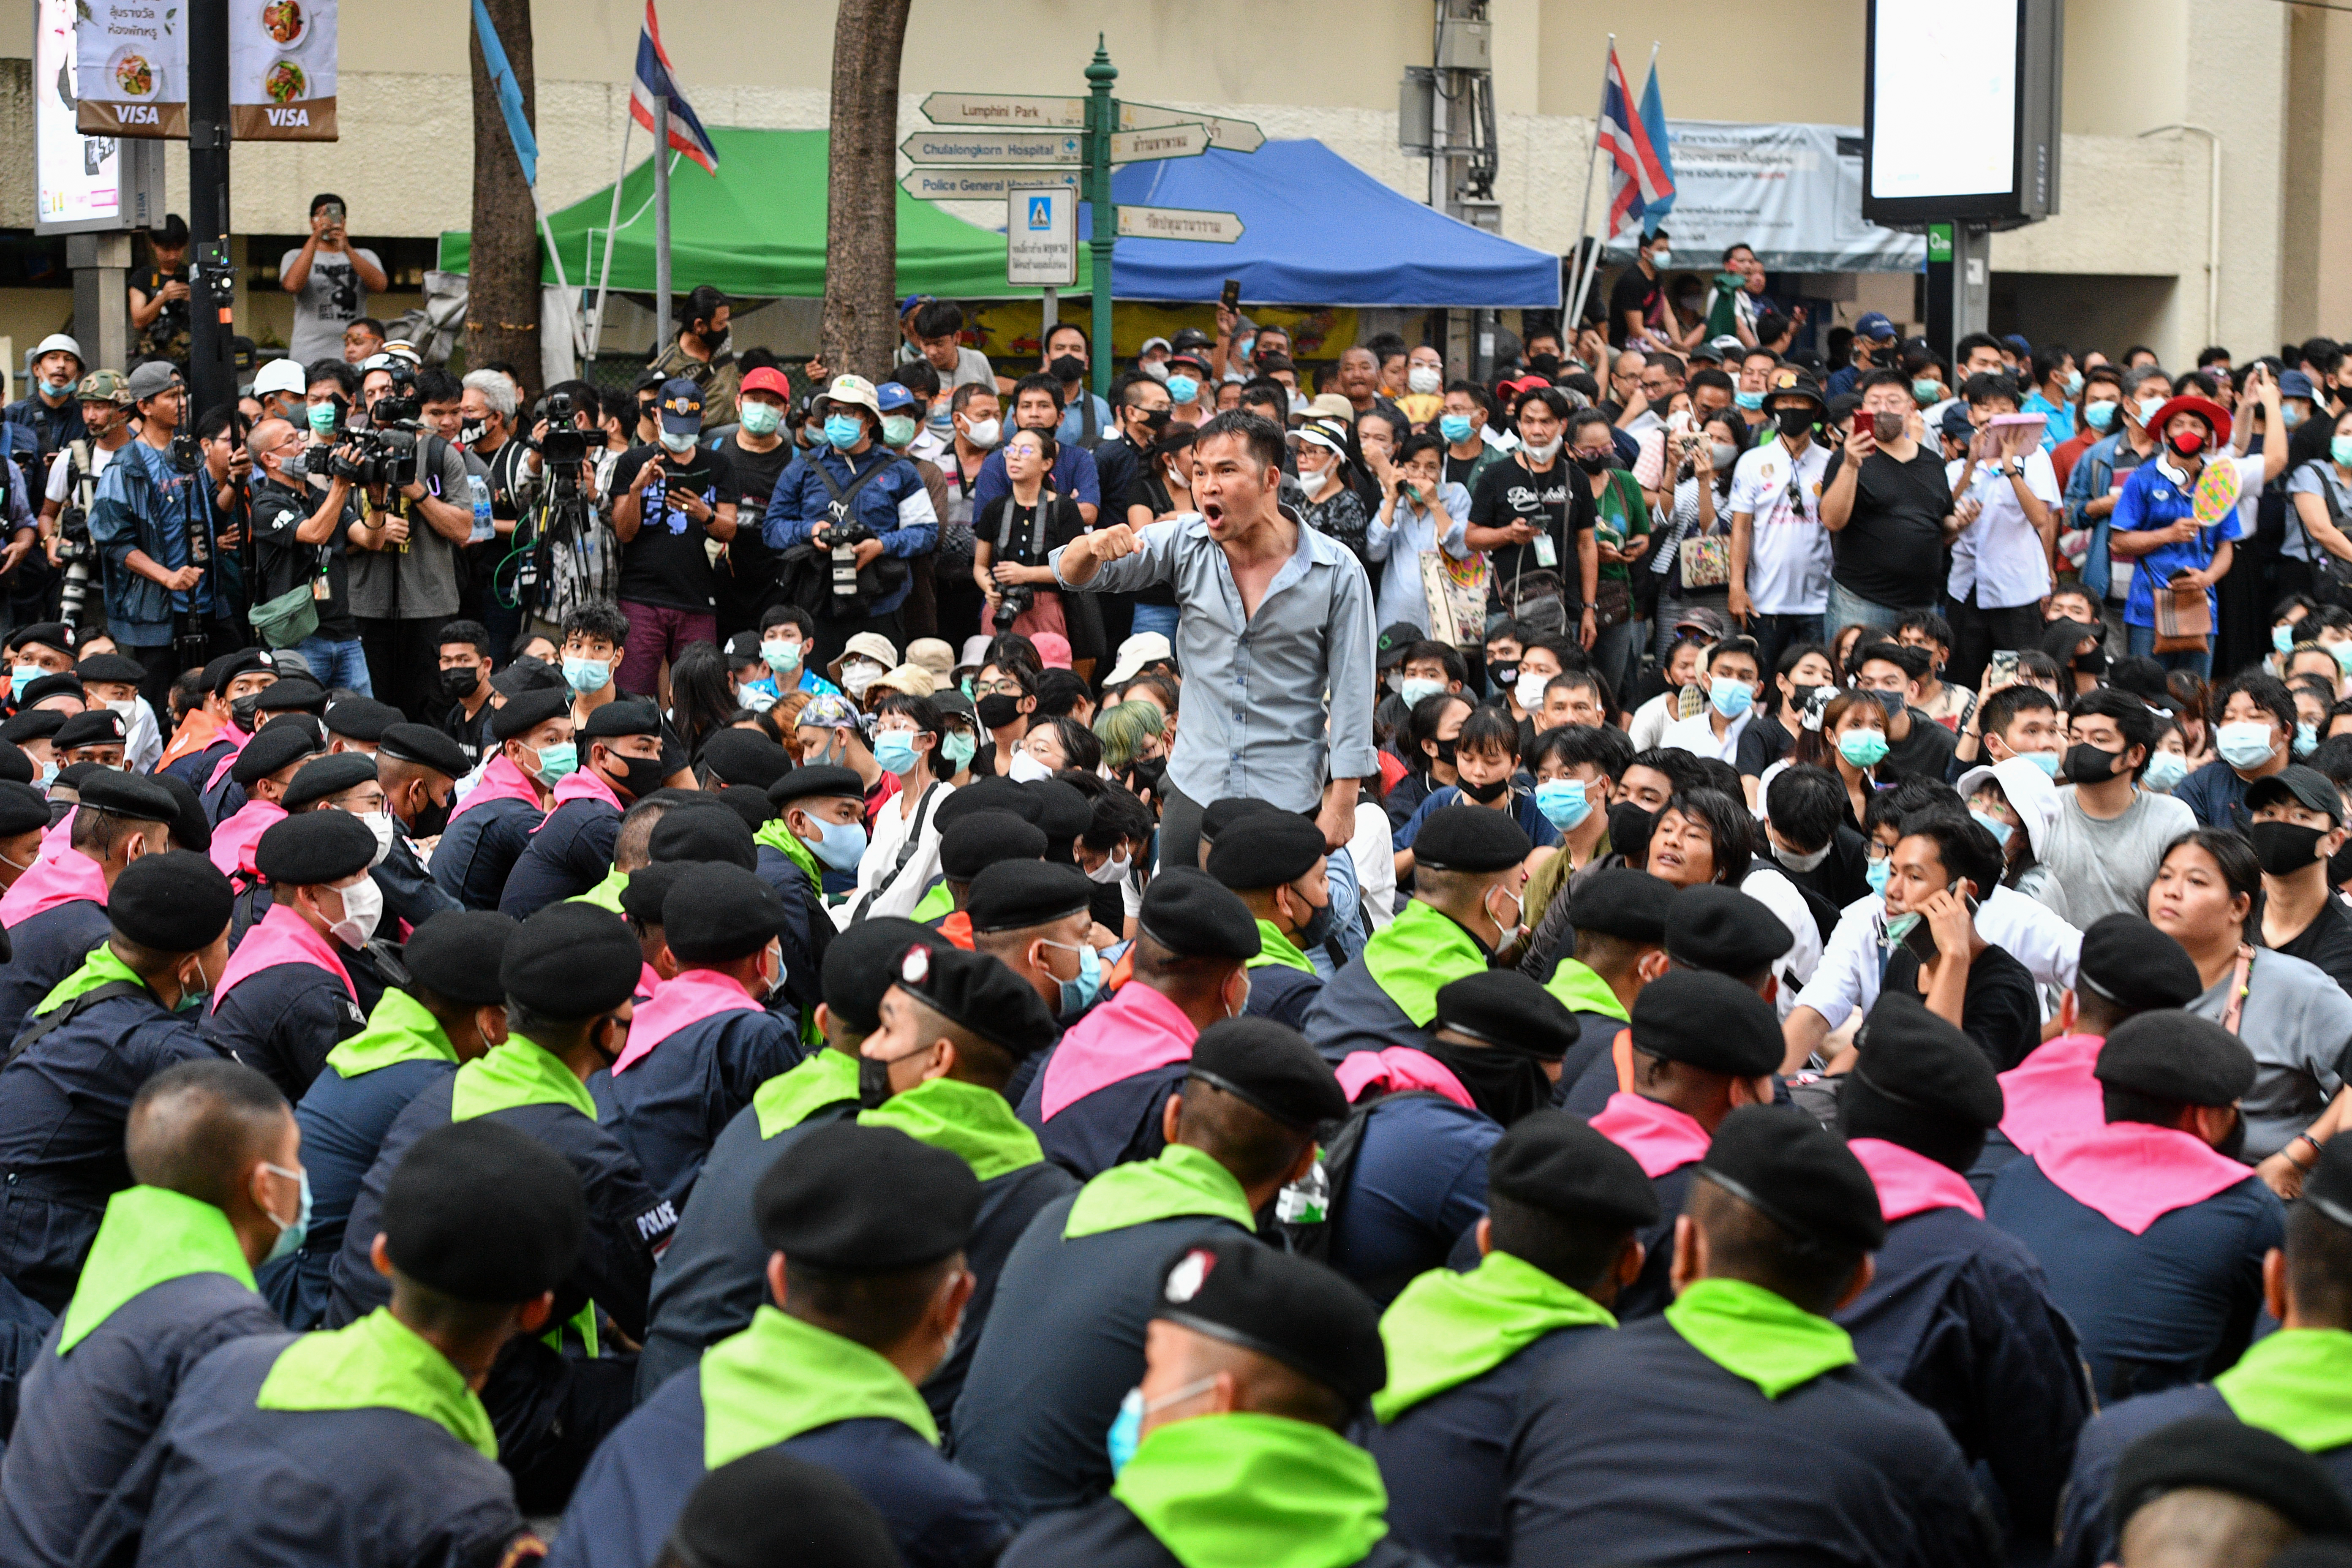 Lekapcsoltatott egy kormánykritikus tévécsatornát a thaiföldi bíróság, mert tudósítottak a napok óta tartó demokráciapárti tüntetéssorozatról